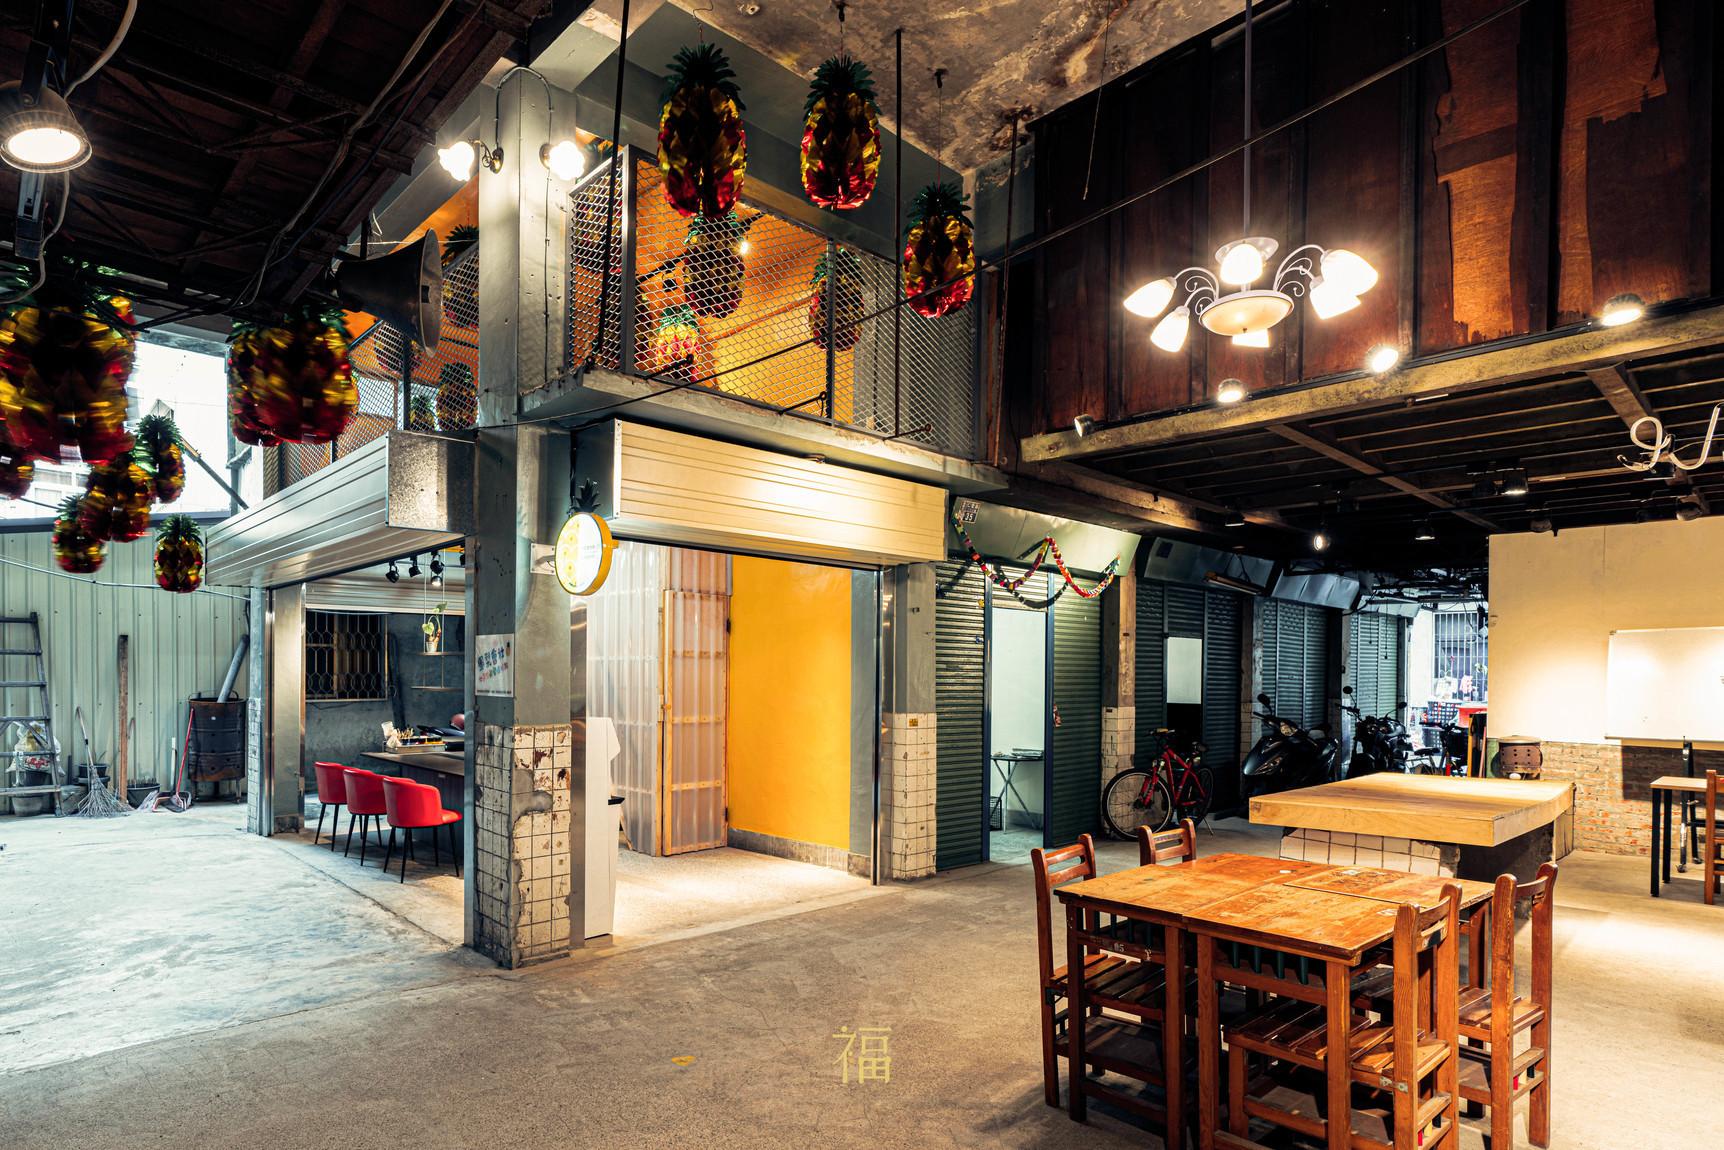 鳳梨會社5點0-小規模多機能服務站|小福砌社區空間規劃設計